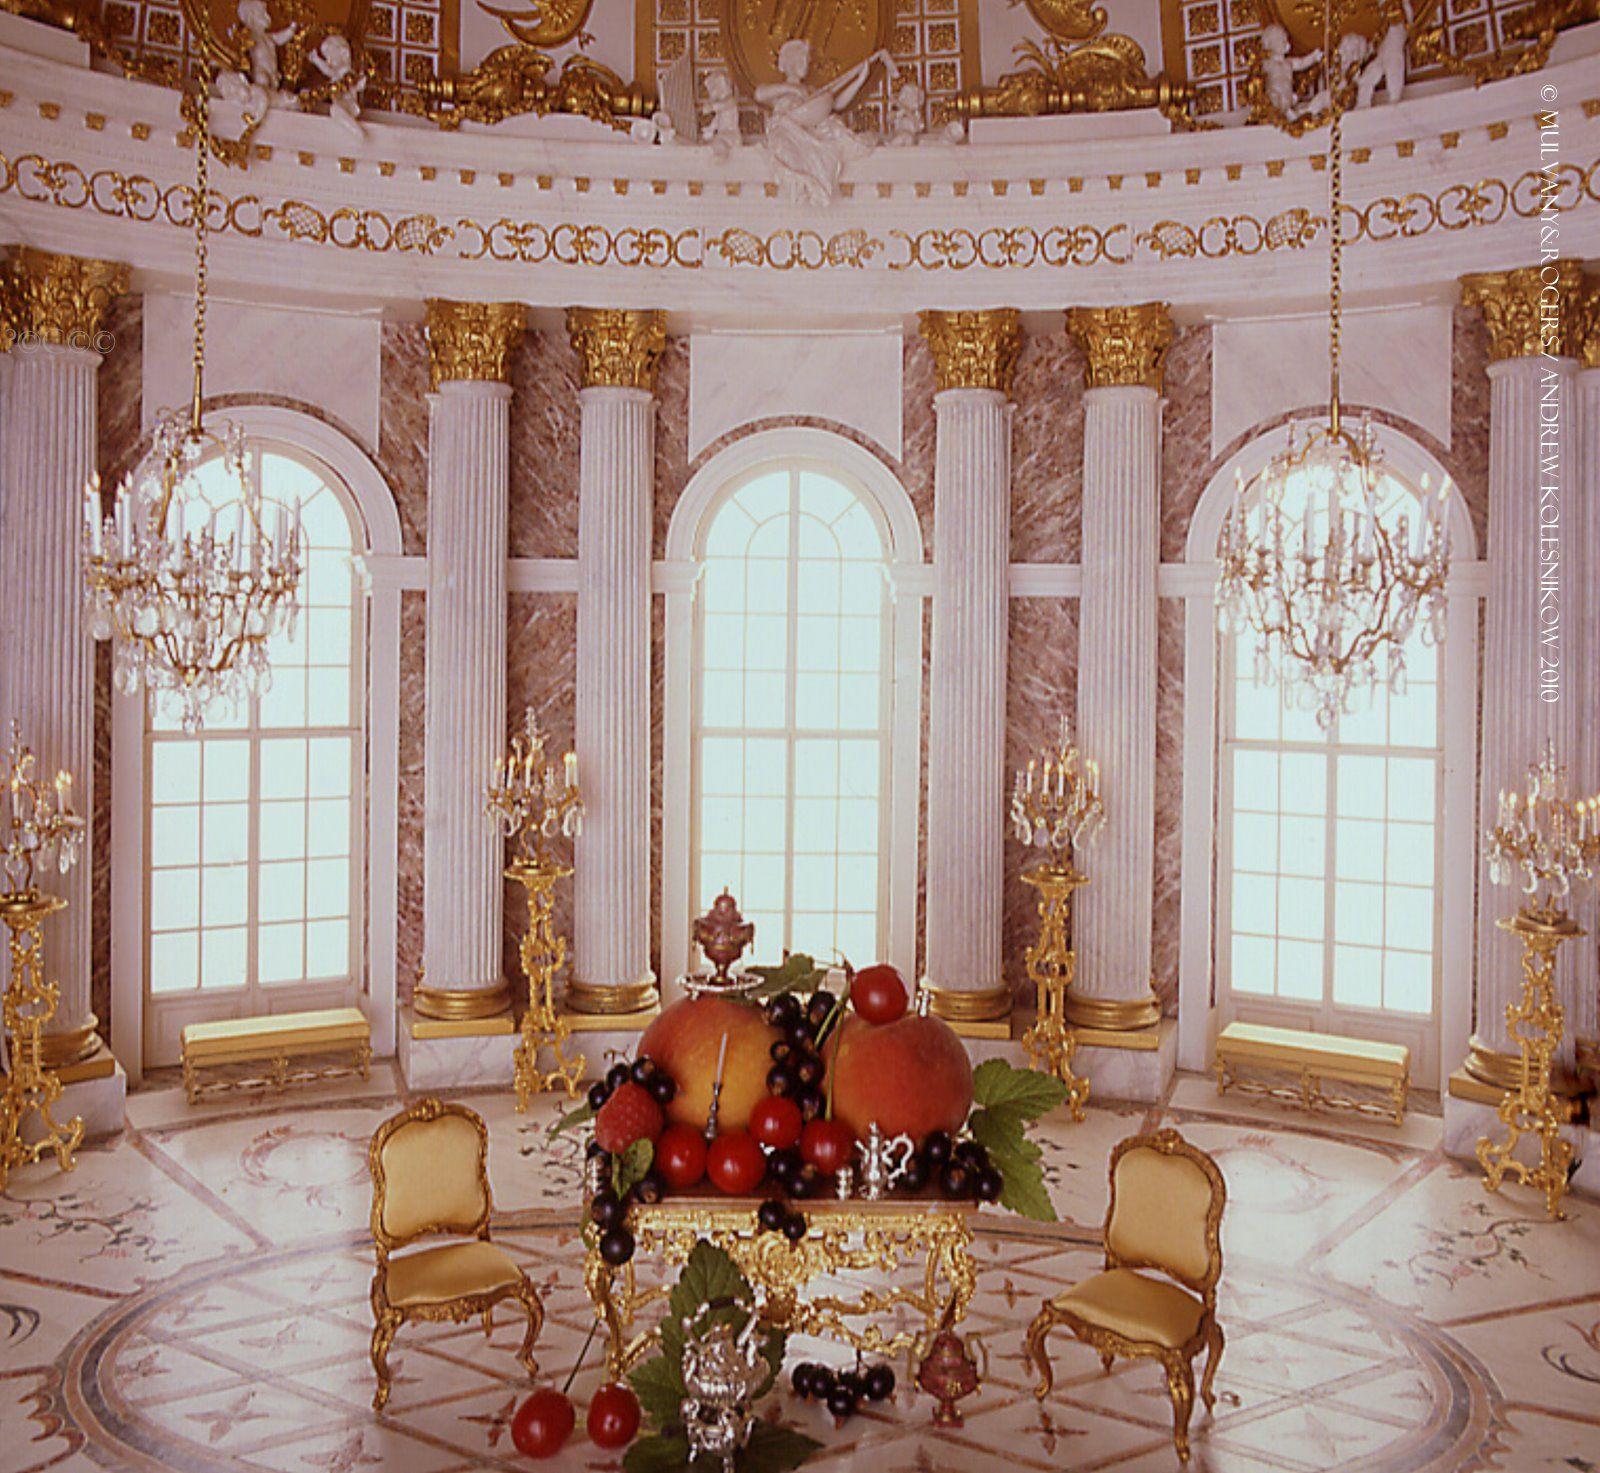 Mulvany y rogers dise adores de renombre internacional de miniaturas arquitect nicas escala - Disenadores de casas ...